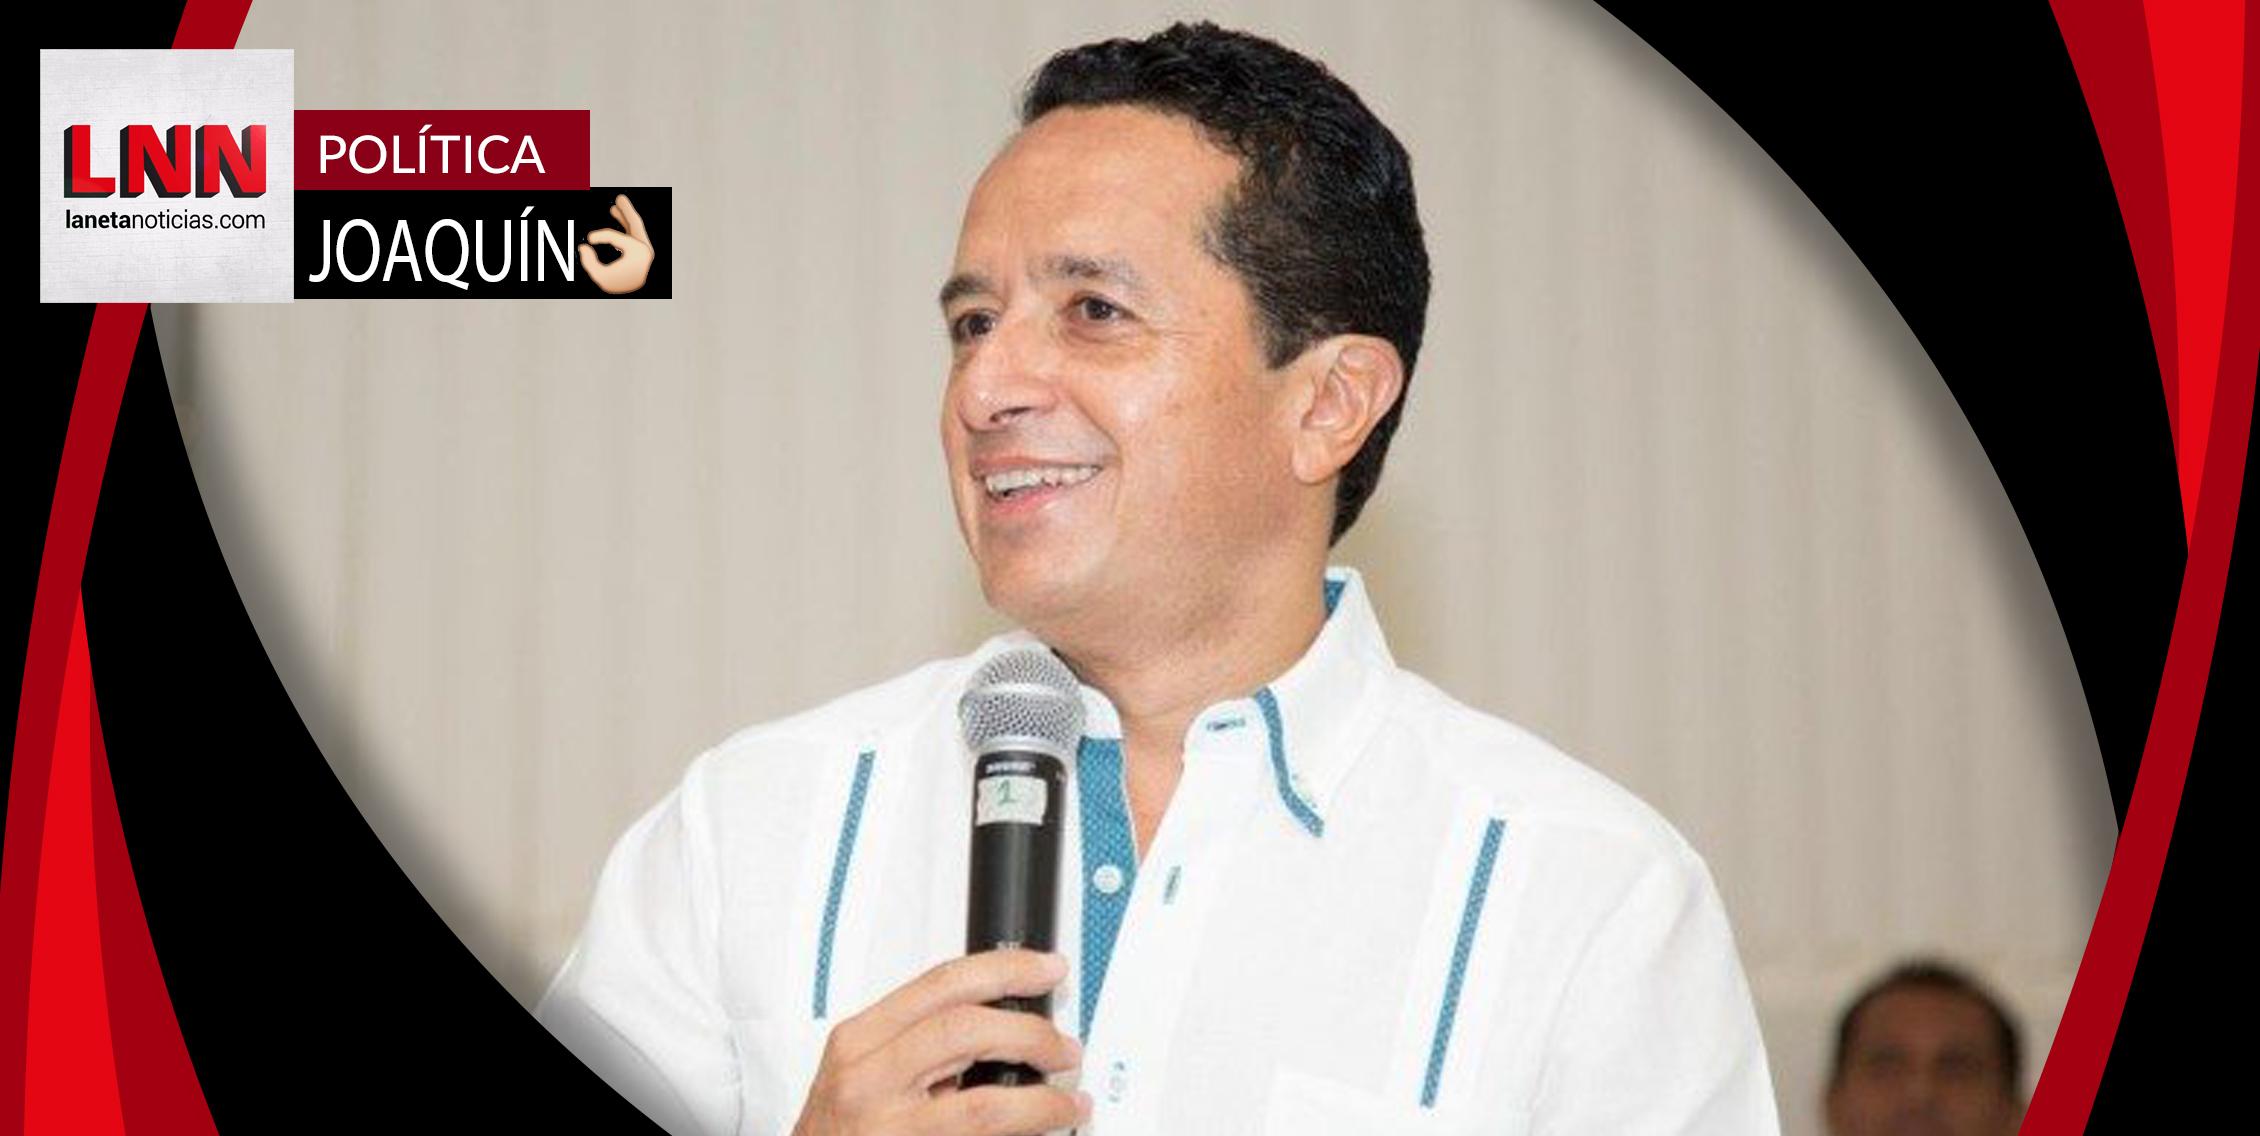 Carlos Joaquín ofrece a AMLO un plan de transporte